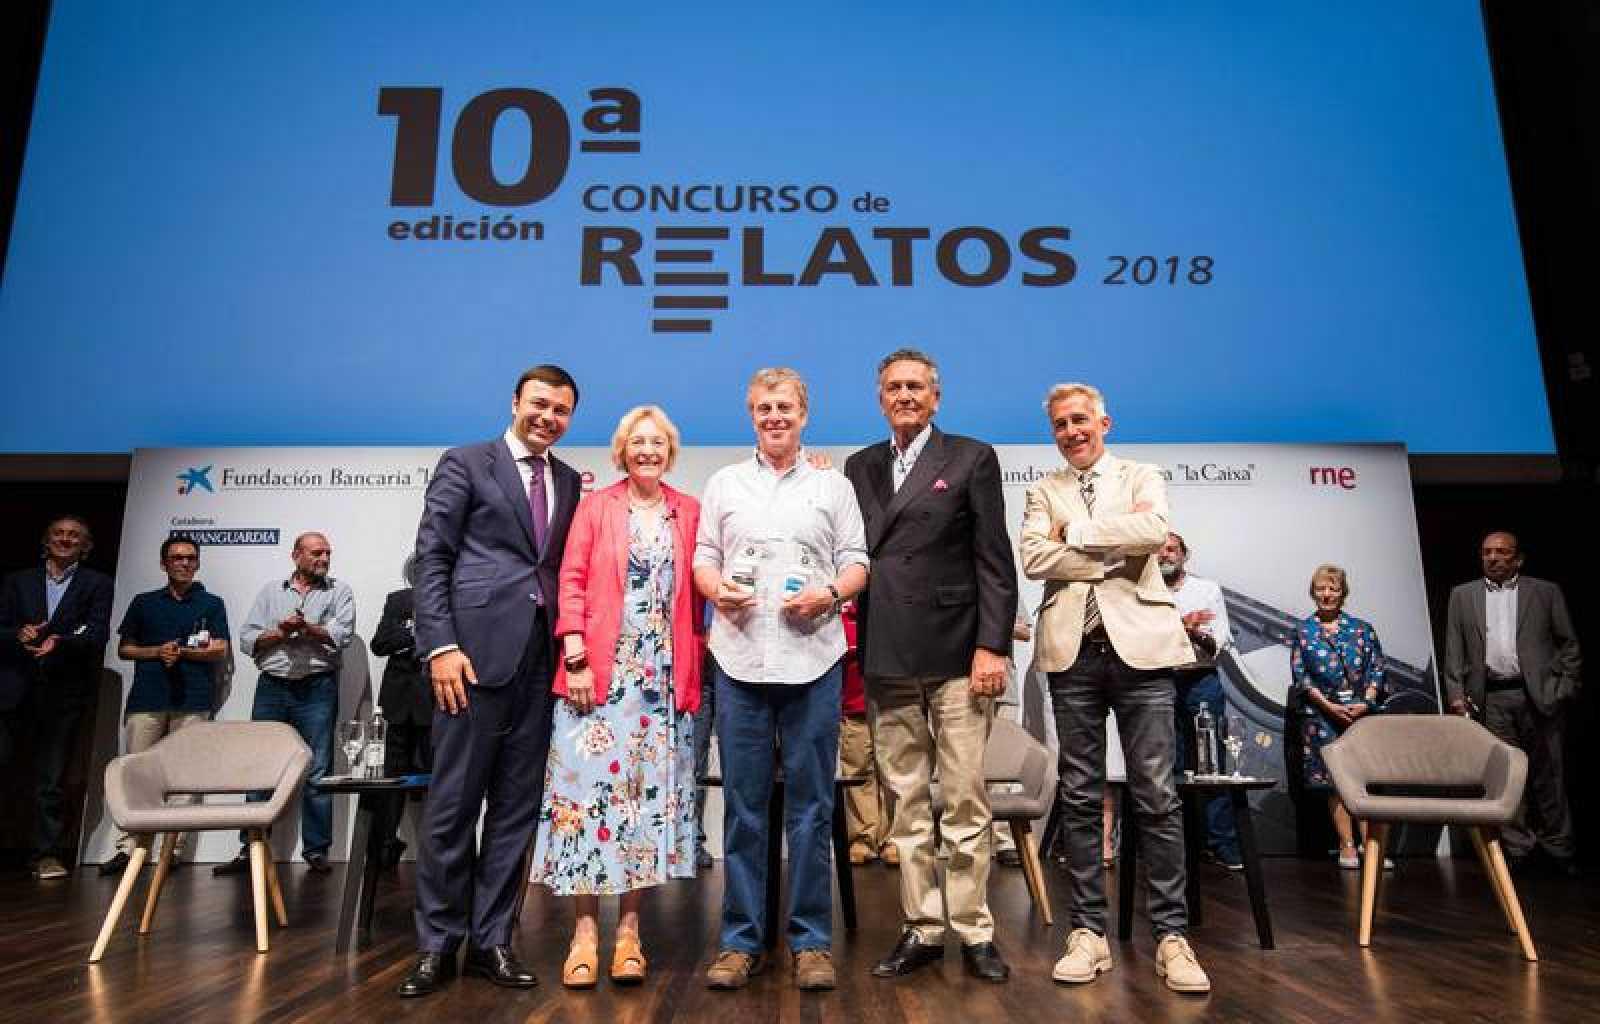 Jesús Arroyo, Soledad Puértolas, Hernán Morgenstern, Fernando Schwartz e Ignacio Elguero